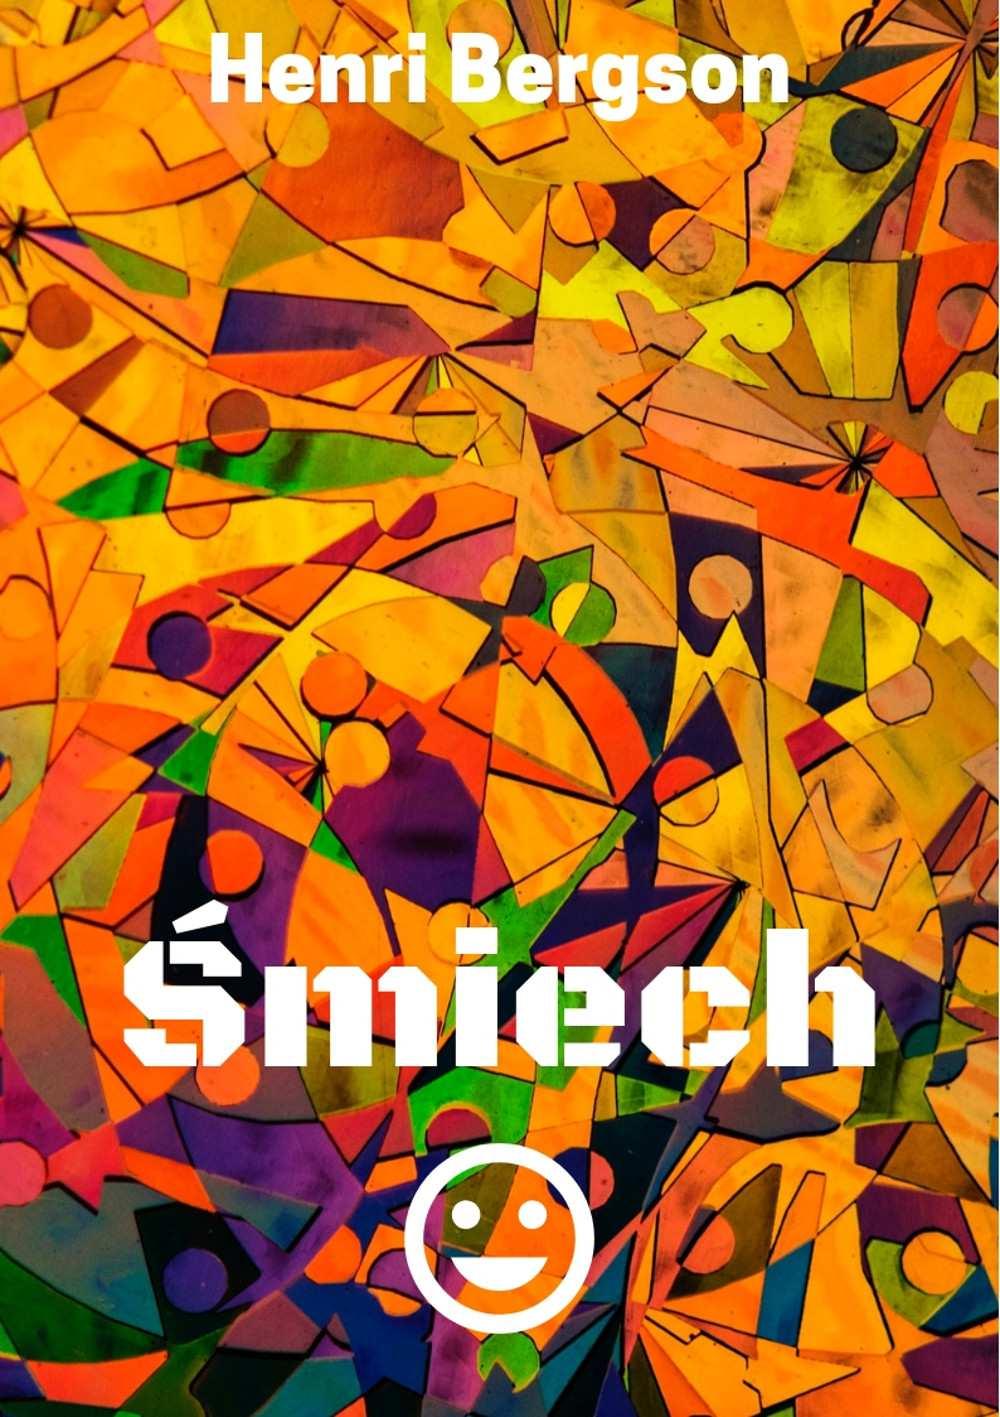 Śmiech - Ebook (Książka EPUB) do pobrania w formacie EPUB